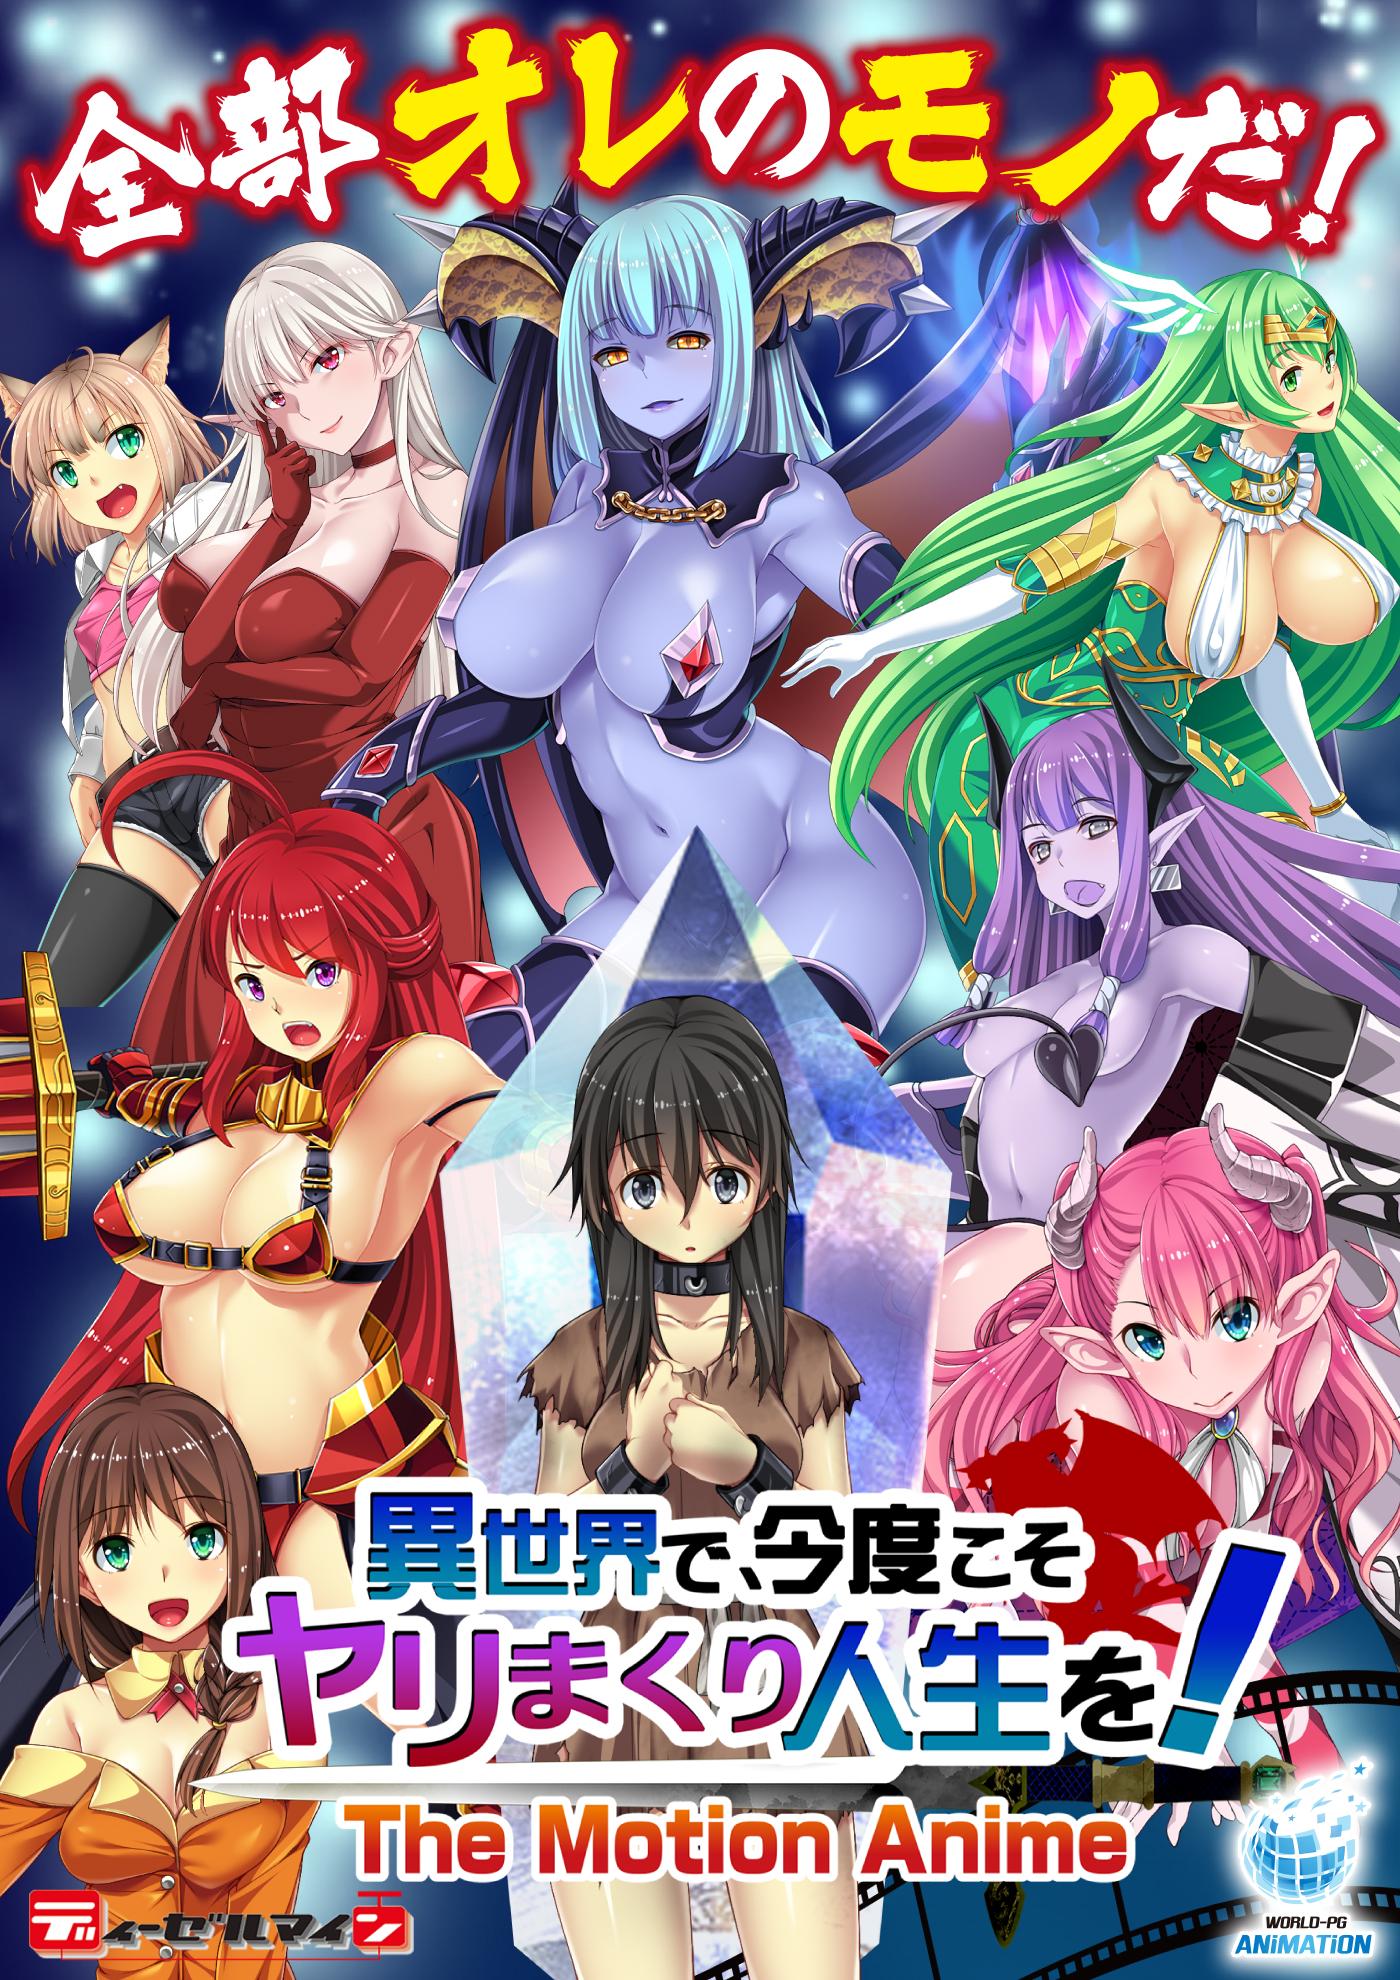 【新着エロゲー】異世界で、今度こそヤリまくり人生を!  -The Motion Anime-のトップ画像